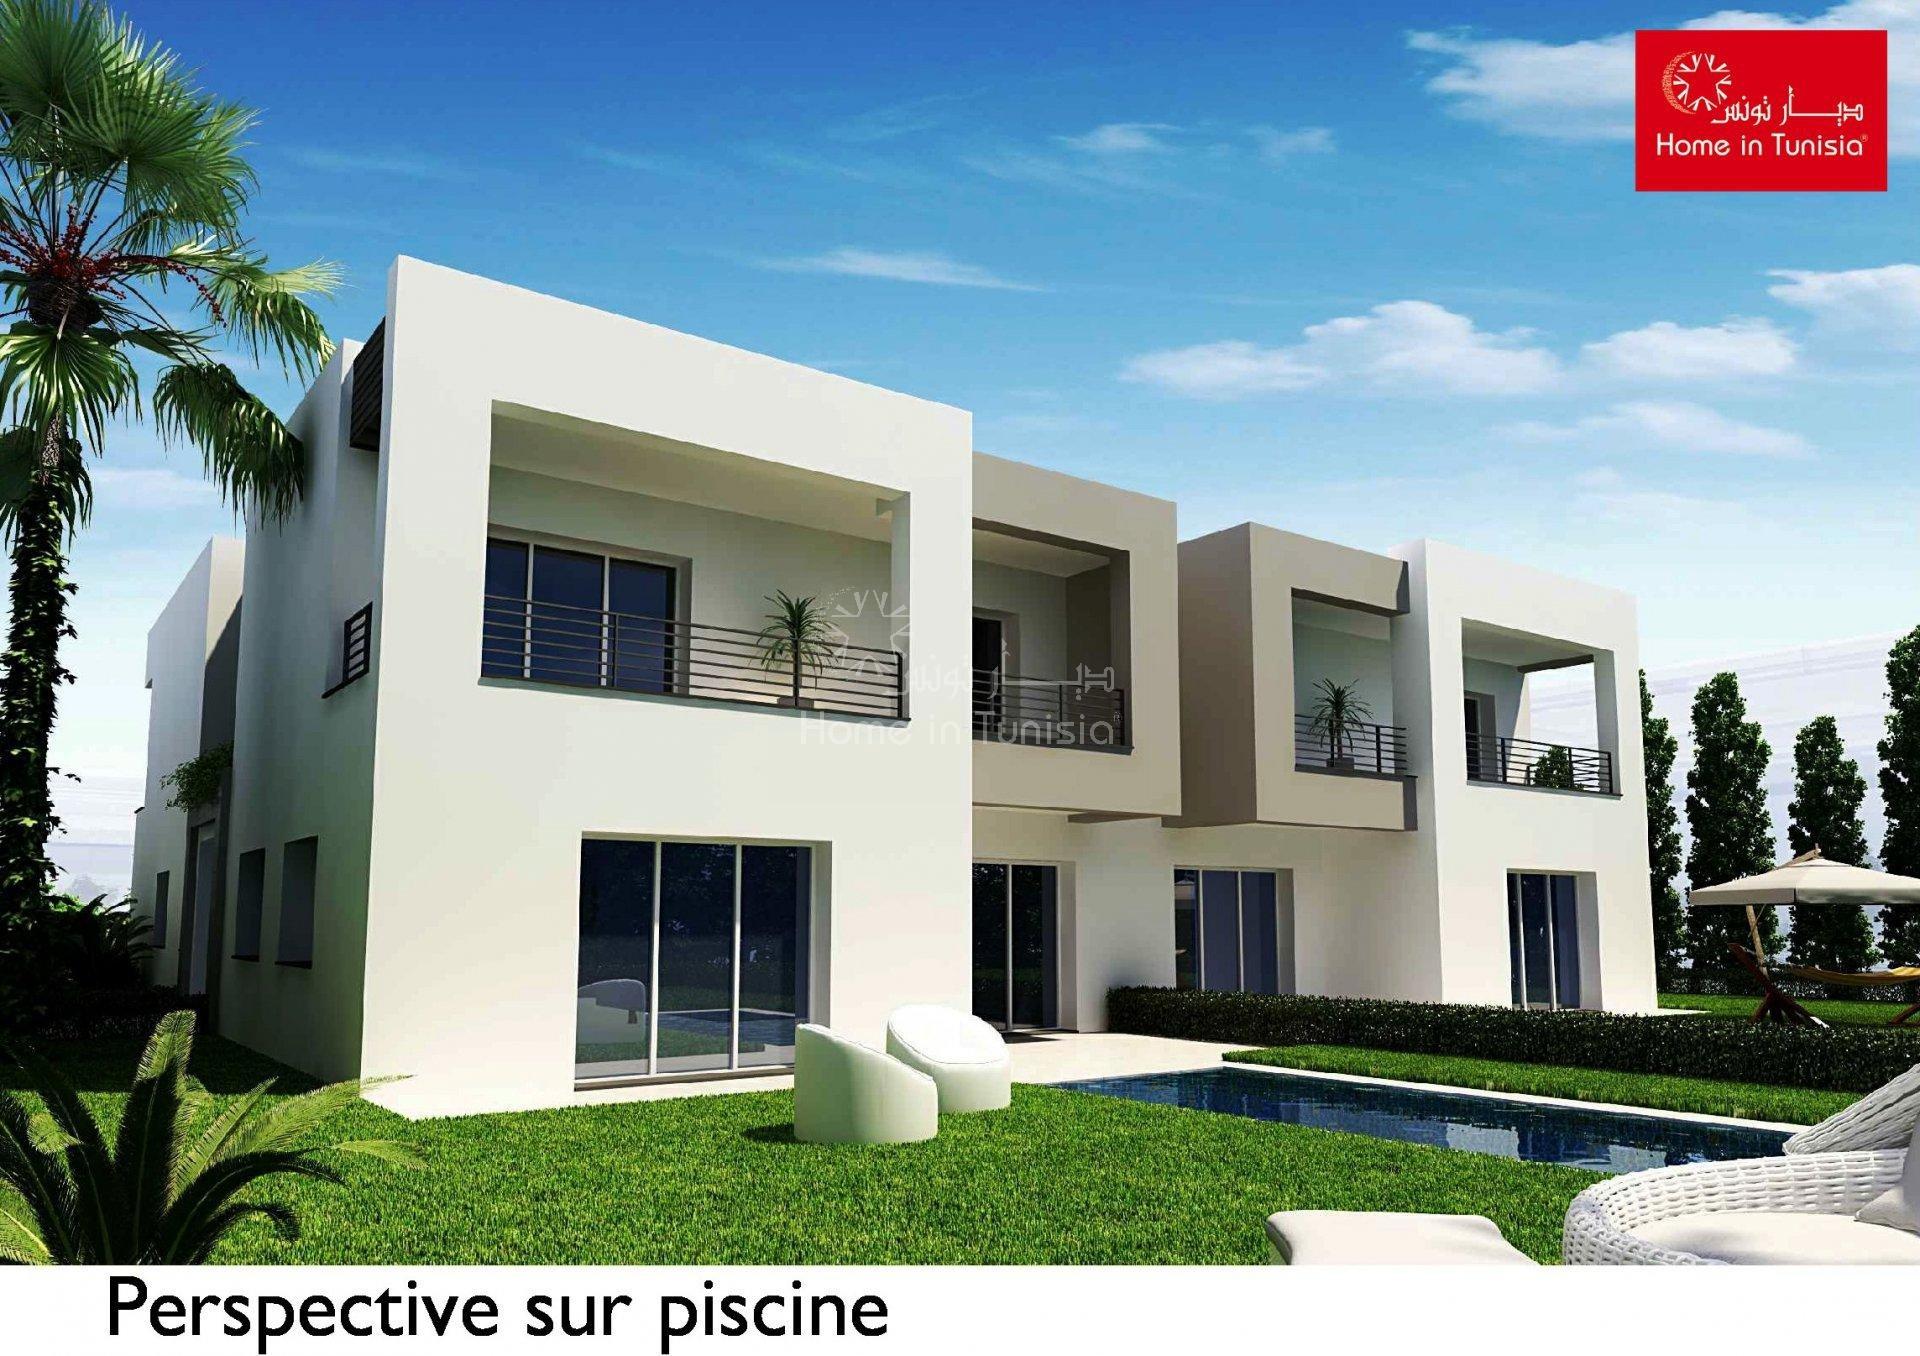 verkauf villa gammarth tunesien 323 435. Black Bedroom Furniture Sets. Home Design Ideas